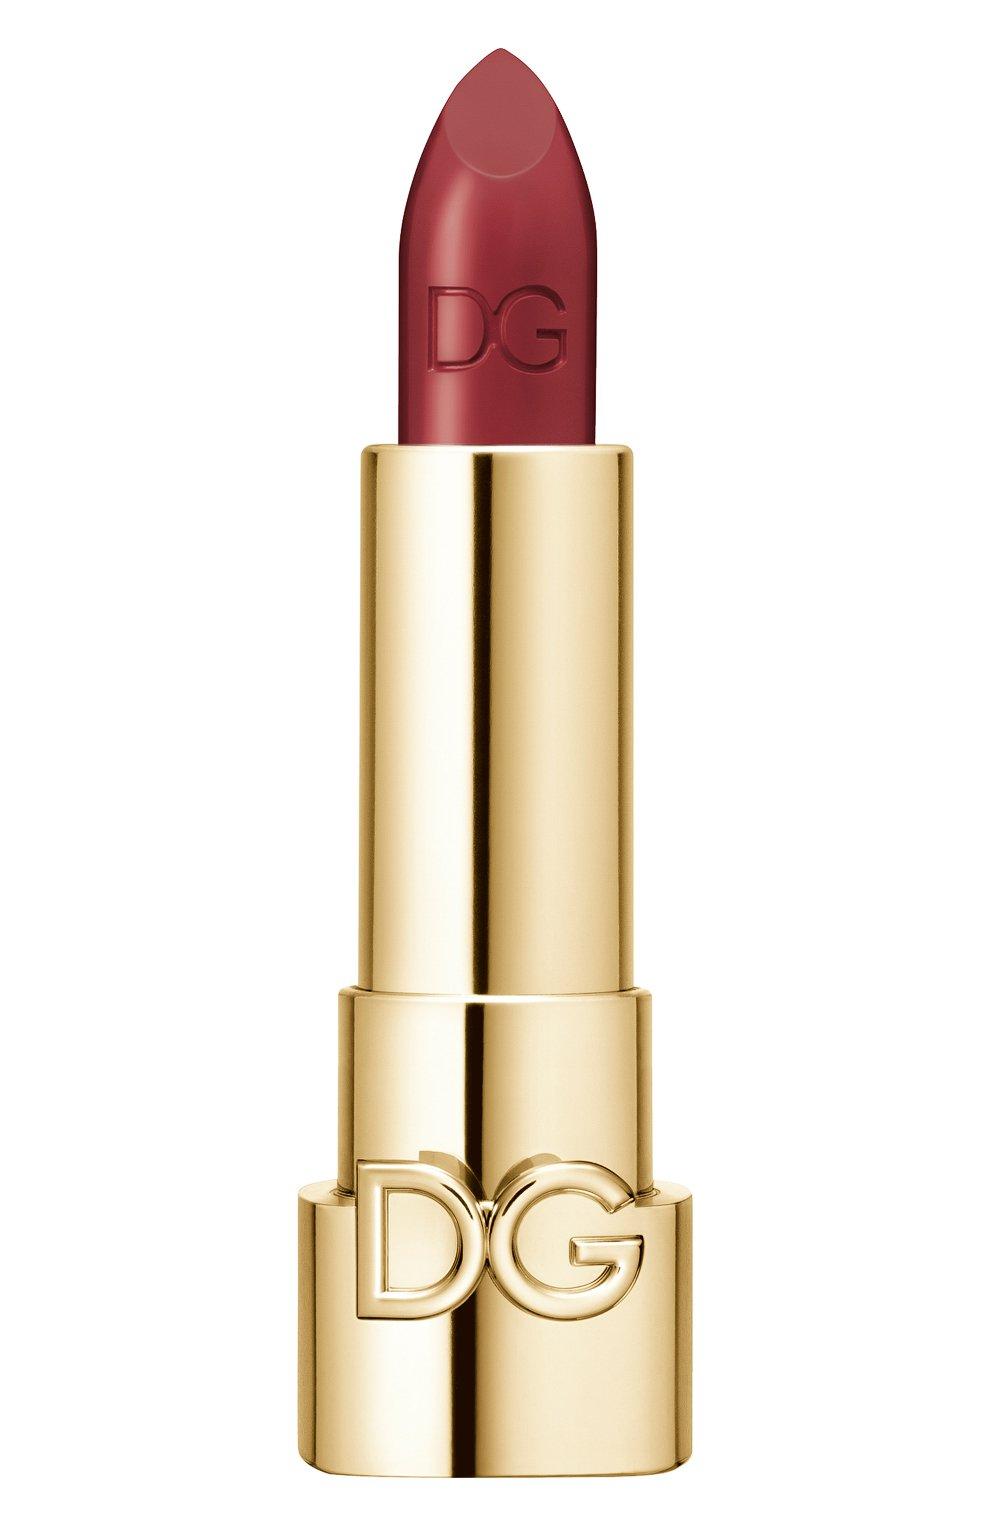 Женская губная помада the only one, оттенок 660 hot burgundy DOLCE & GABBANA бесцветного цвета, арт. 8554150DG   Фото 1